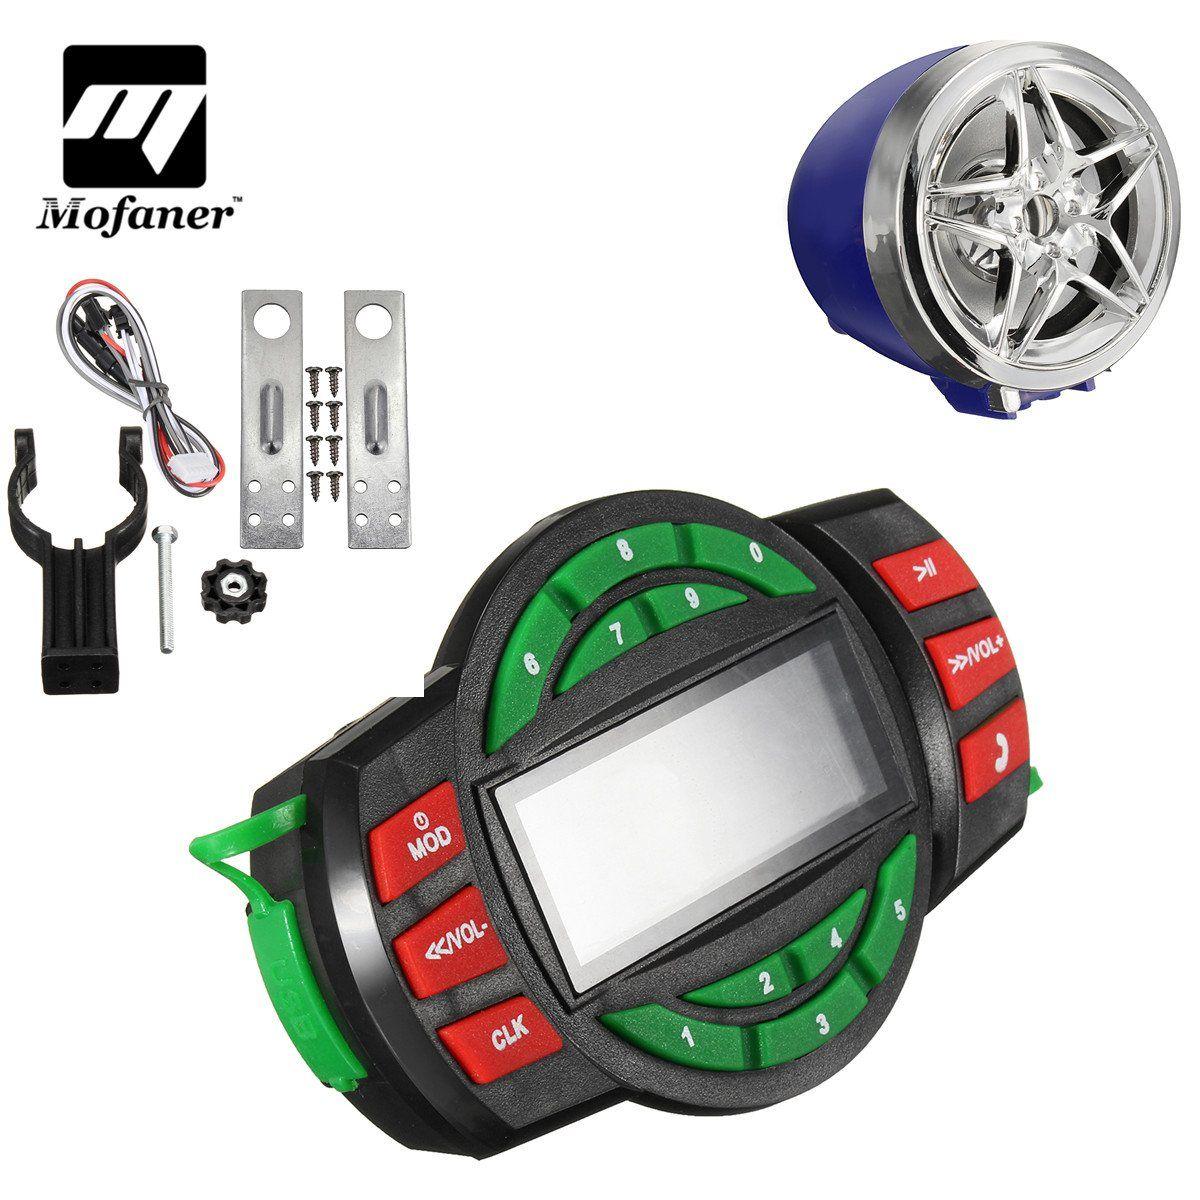 Mofaner синий мотоцикл Радио Bluetooth MP3-плееры Динамик Скутер ATV сигнализации Руль управления для мотоциклов Радио 12 В